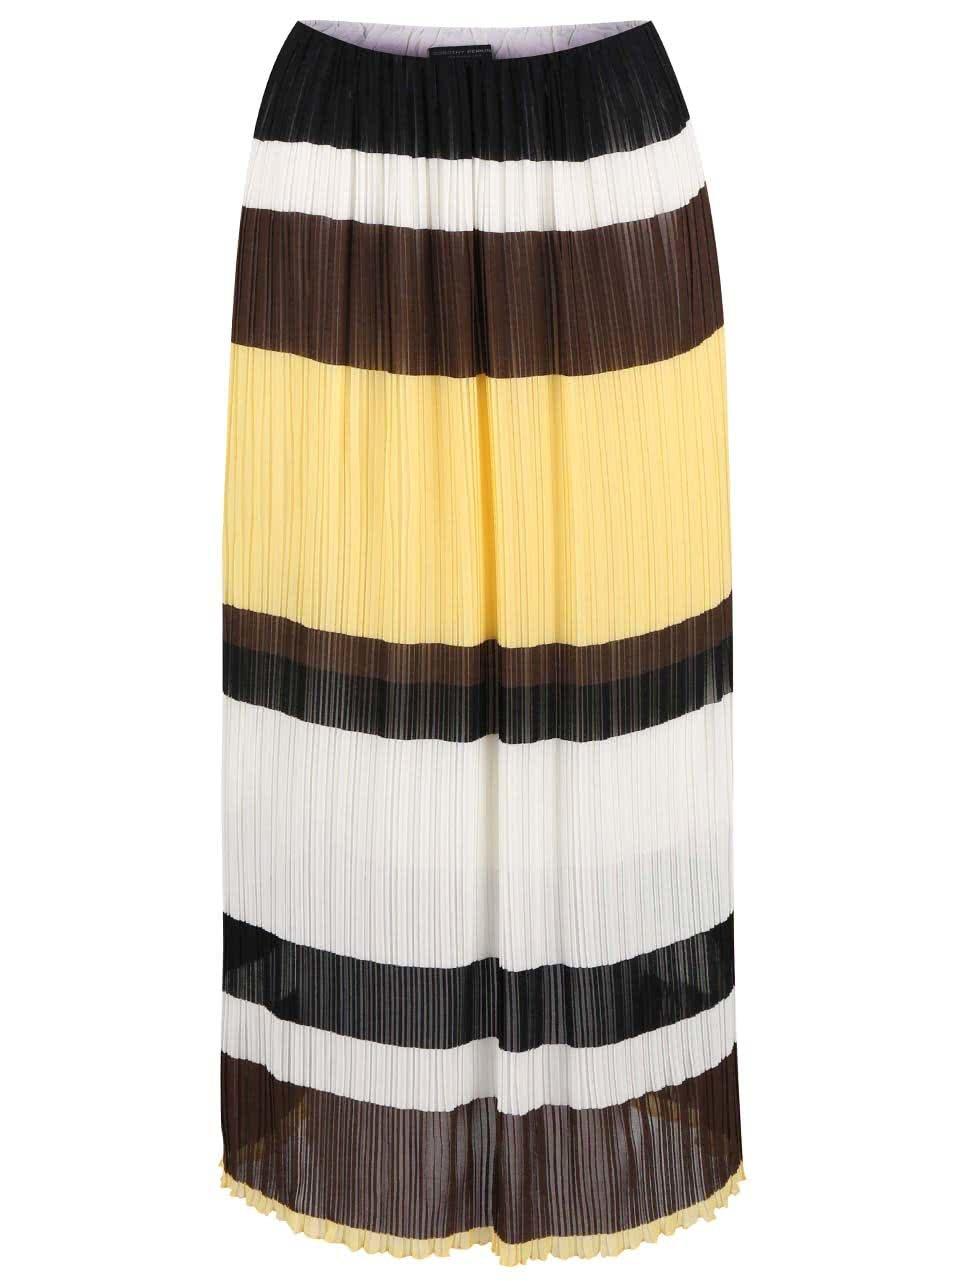 Hnědo-bílo-žlutá plisovaná midisukně Dorothy Perkins ŽENY   Šaty 10030bef99